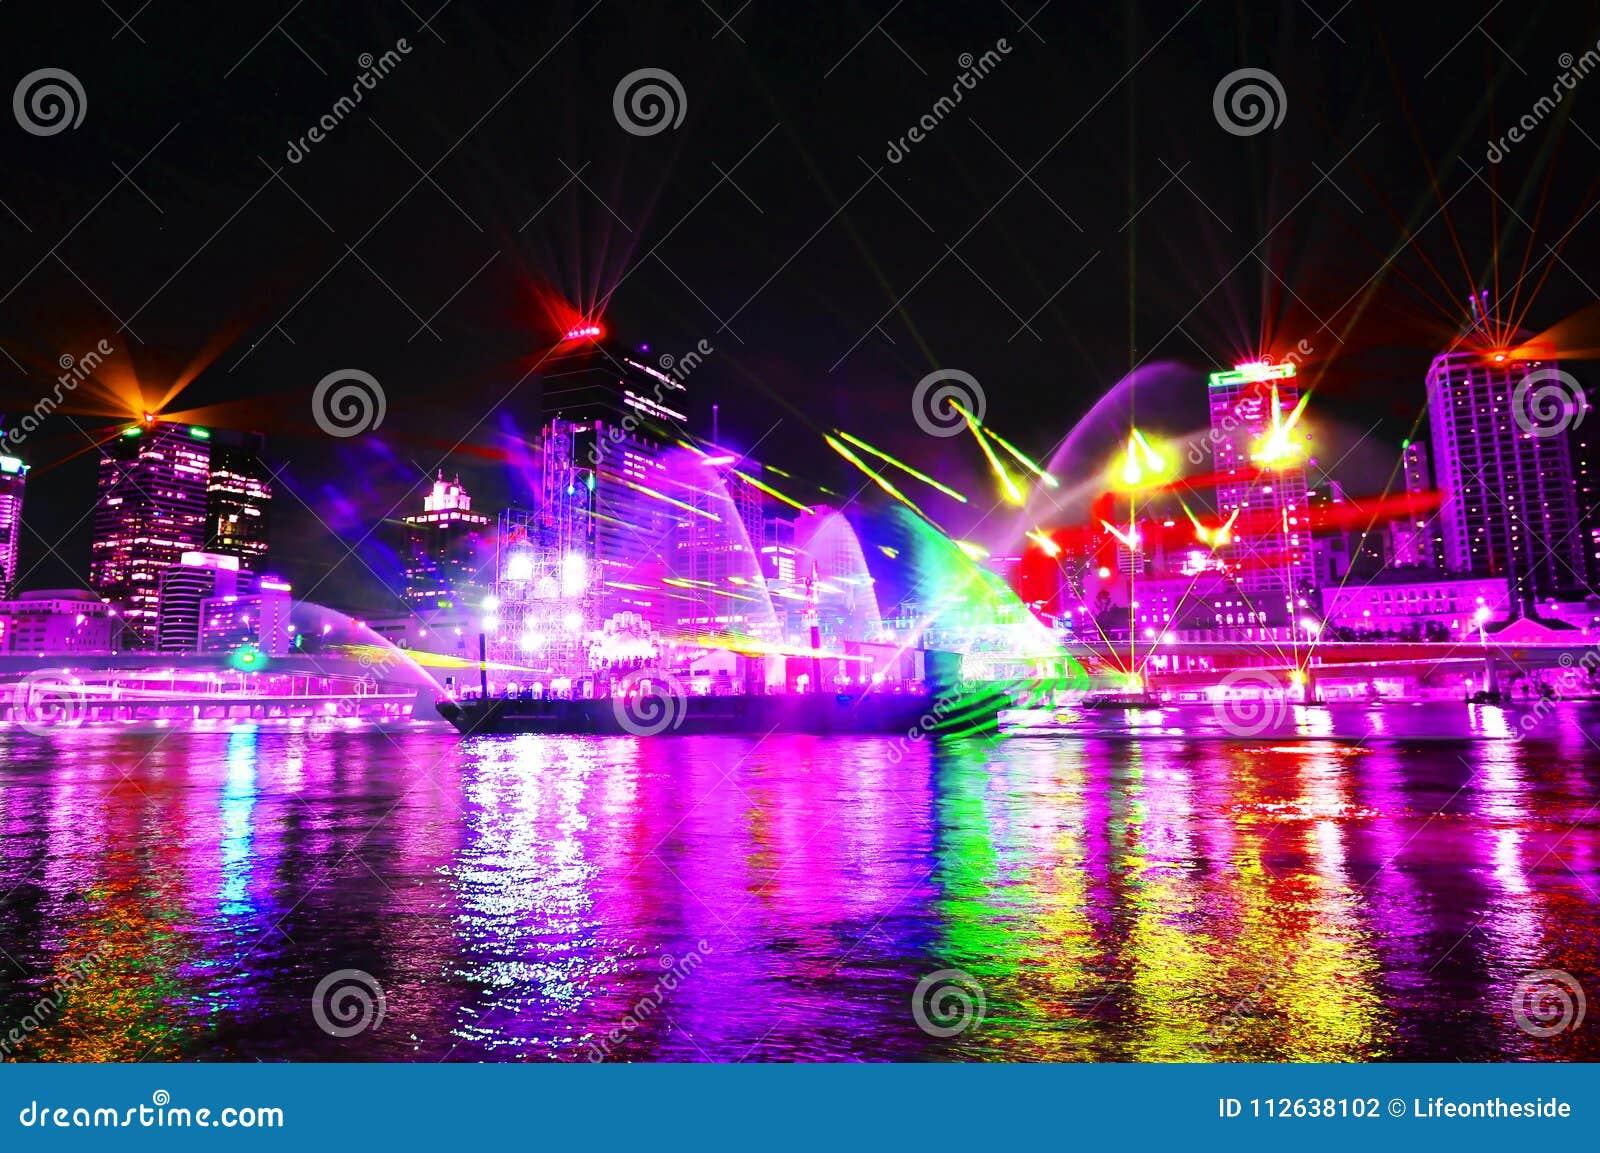 UV-Lichte zeigen Brisbane-Stadt in der Nacht leuchten